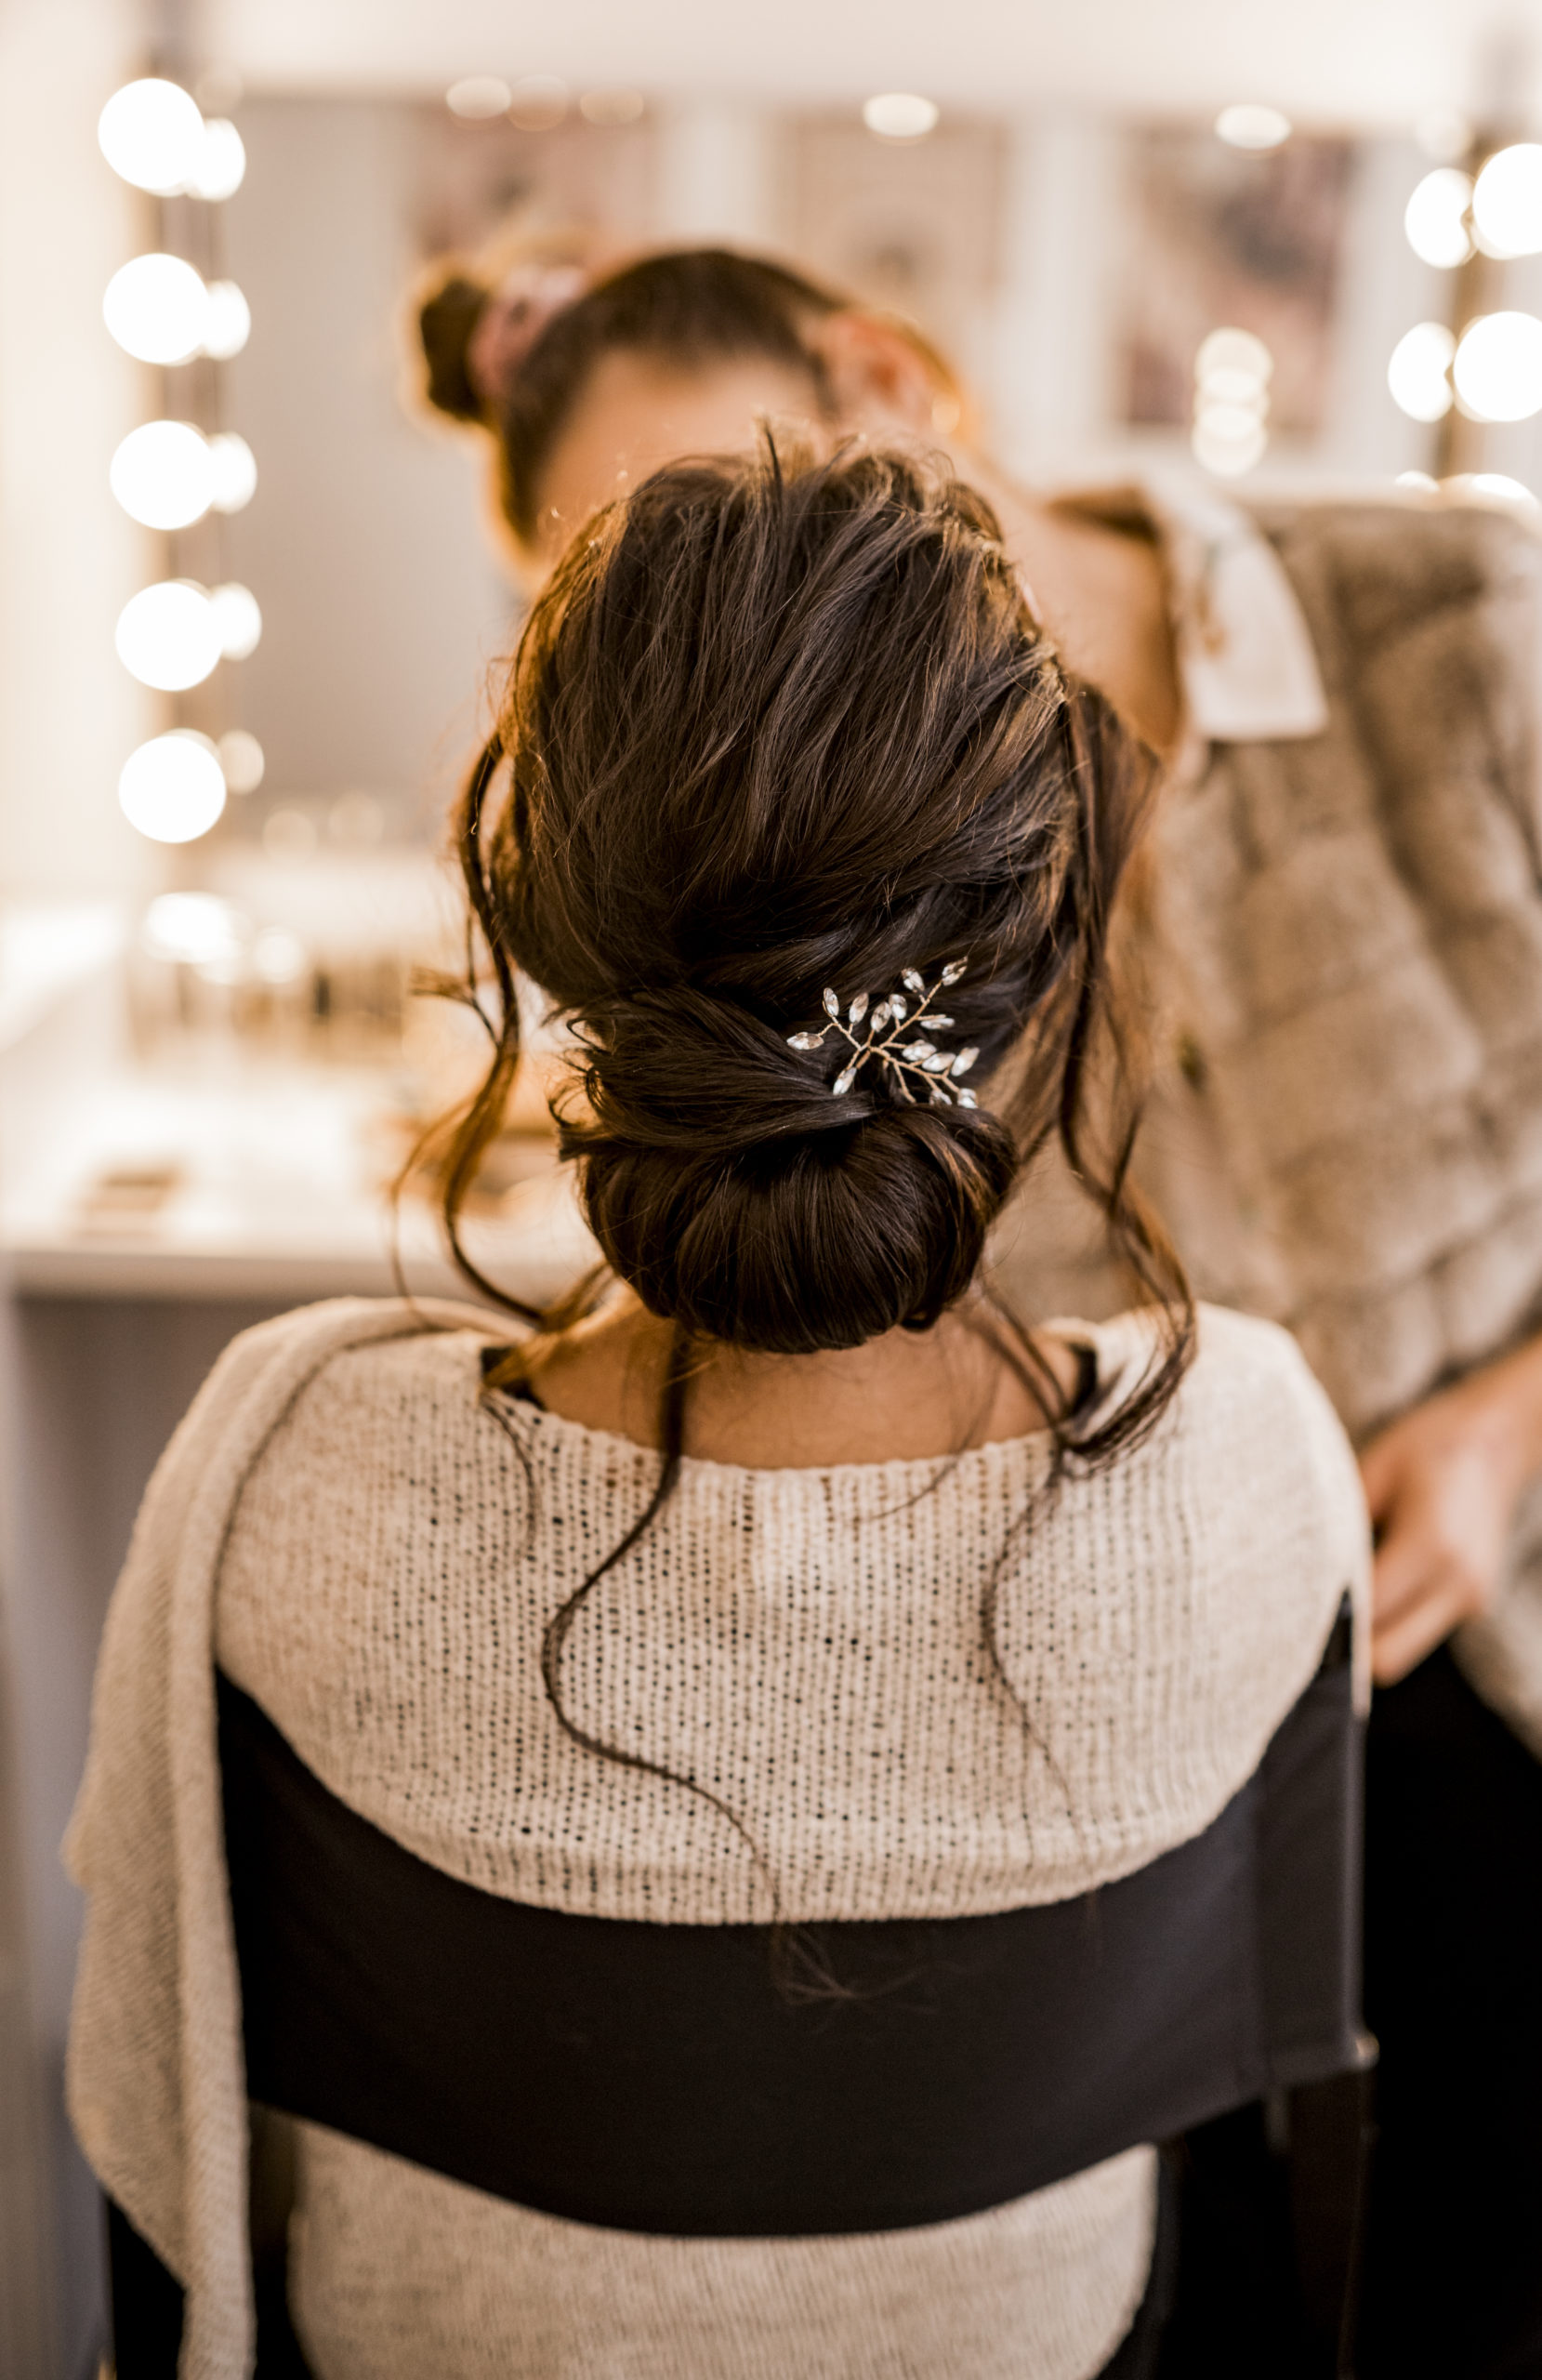 noni Brautmode, Styled Shoot, Getting Ready, Model am Schminktisch, Rückenansicht mit Frisurendetail